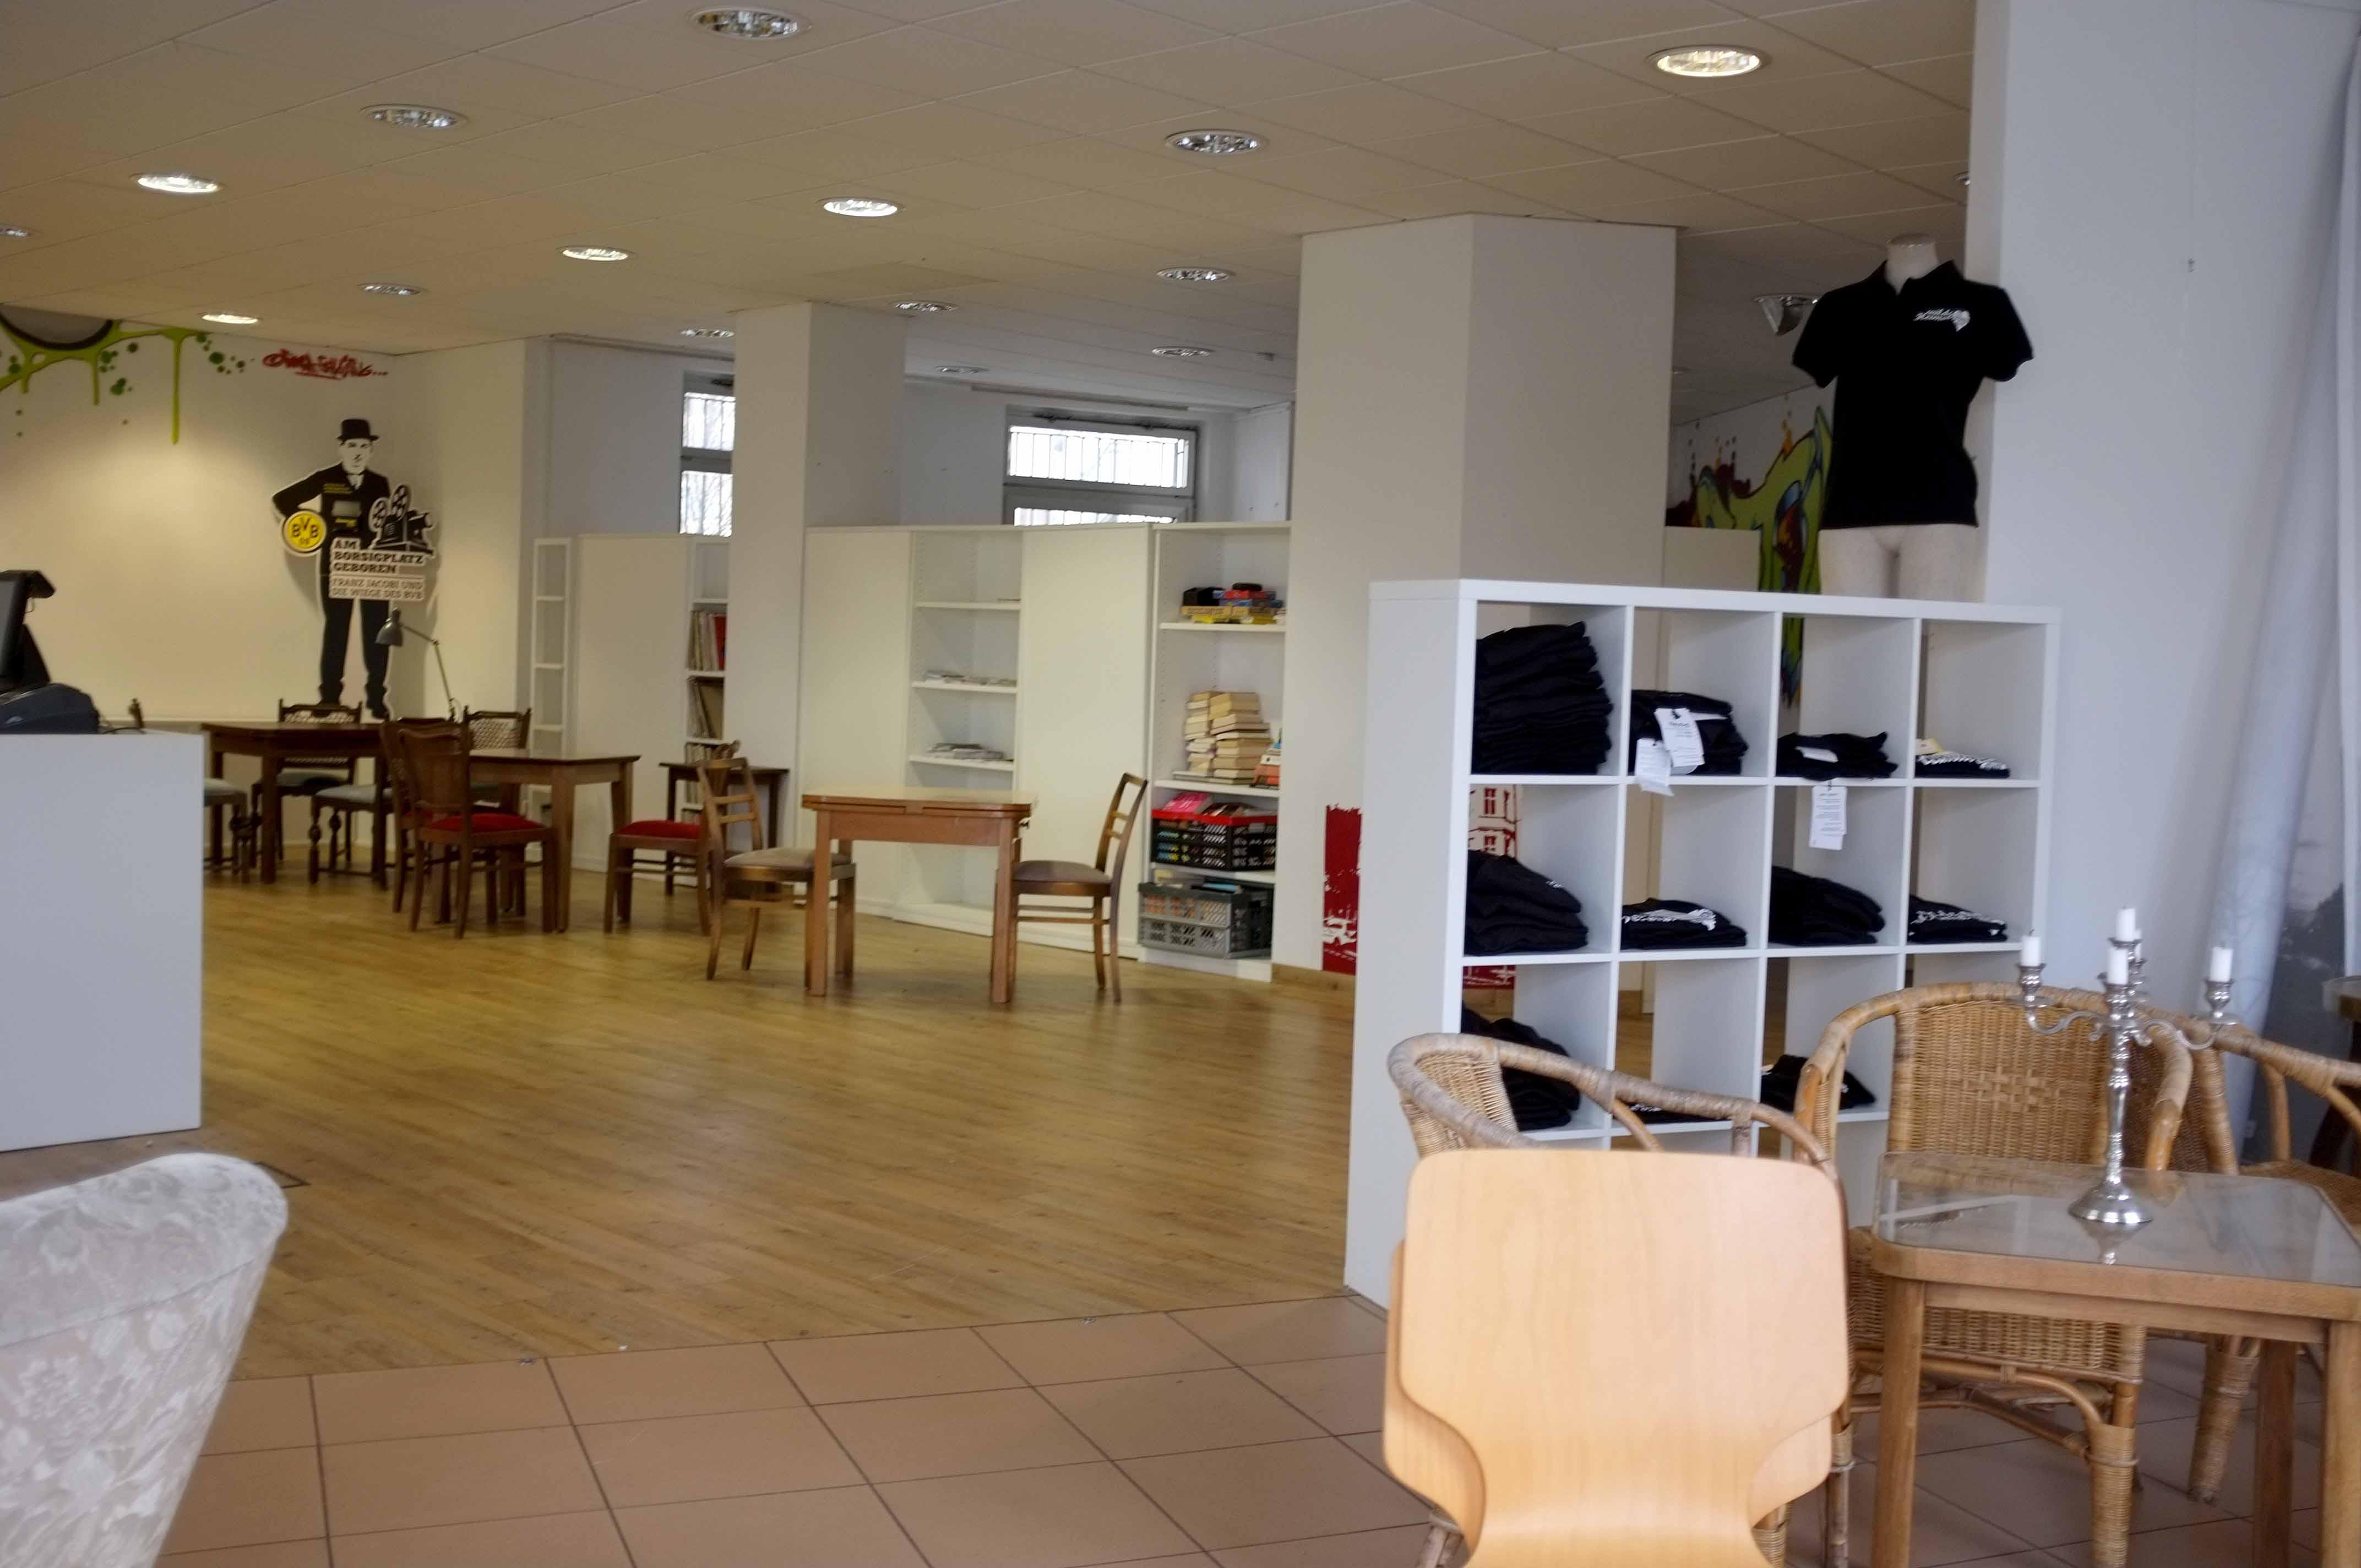 neue nutzung der concordiart r ume ist geplant das kunstkaufhaus hat sich nicht am borsigplatz. Black Bedroom Furniture Sets. Home Design Ideas